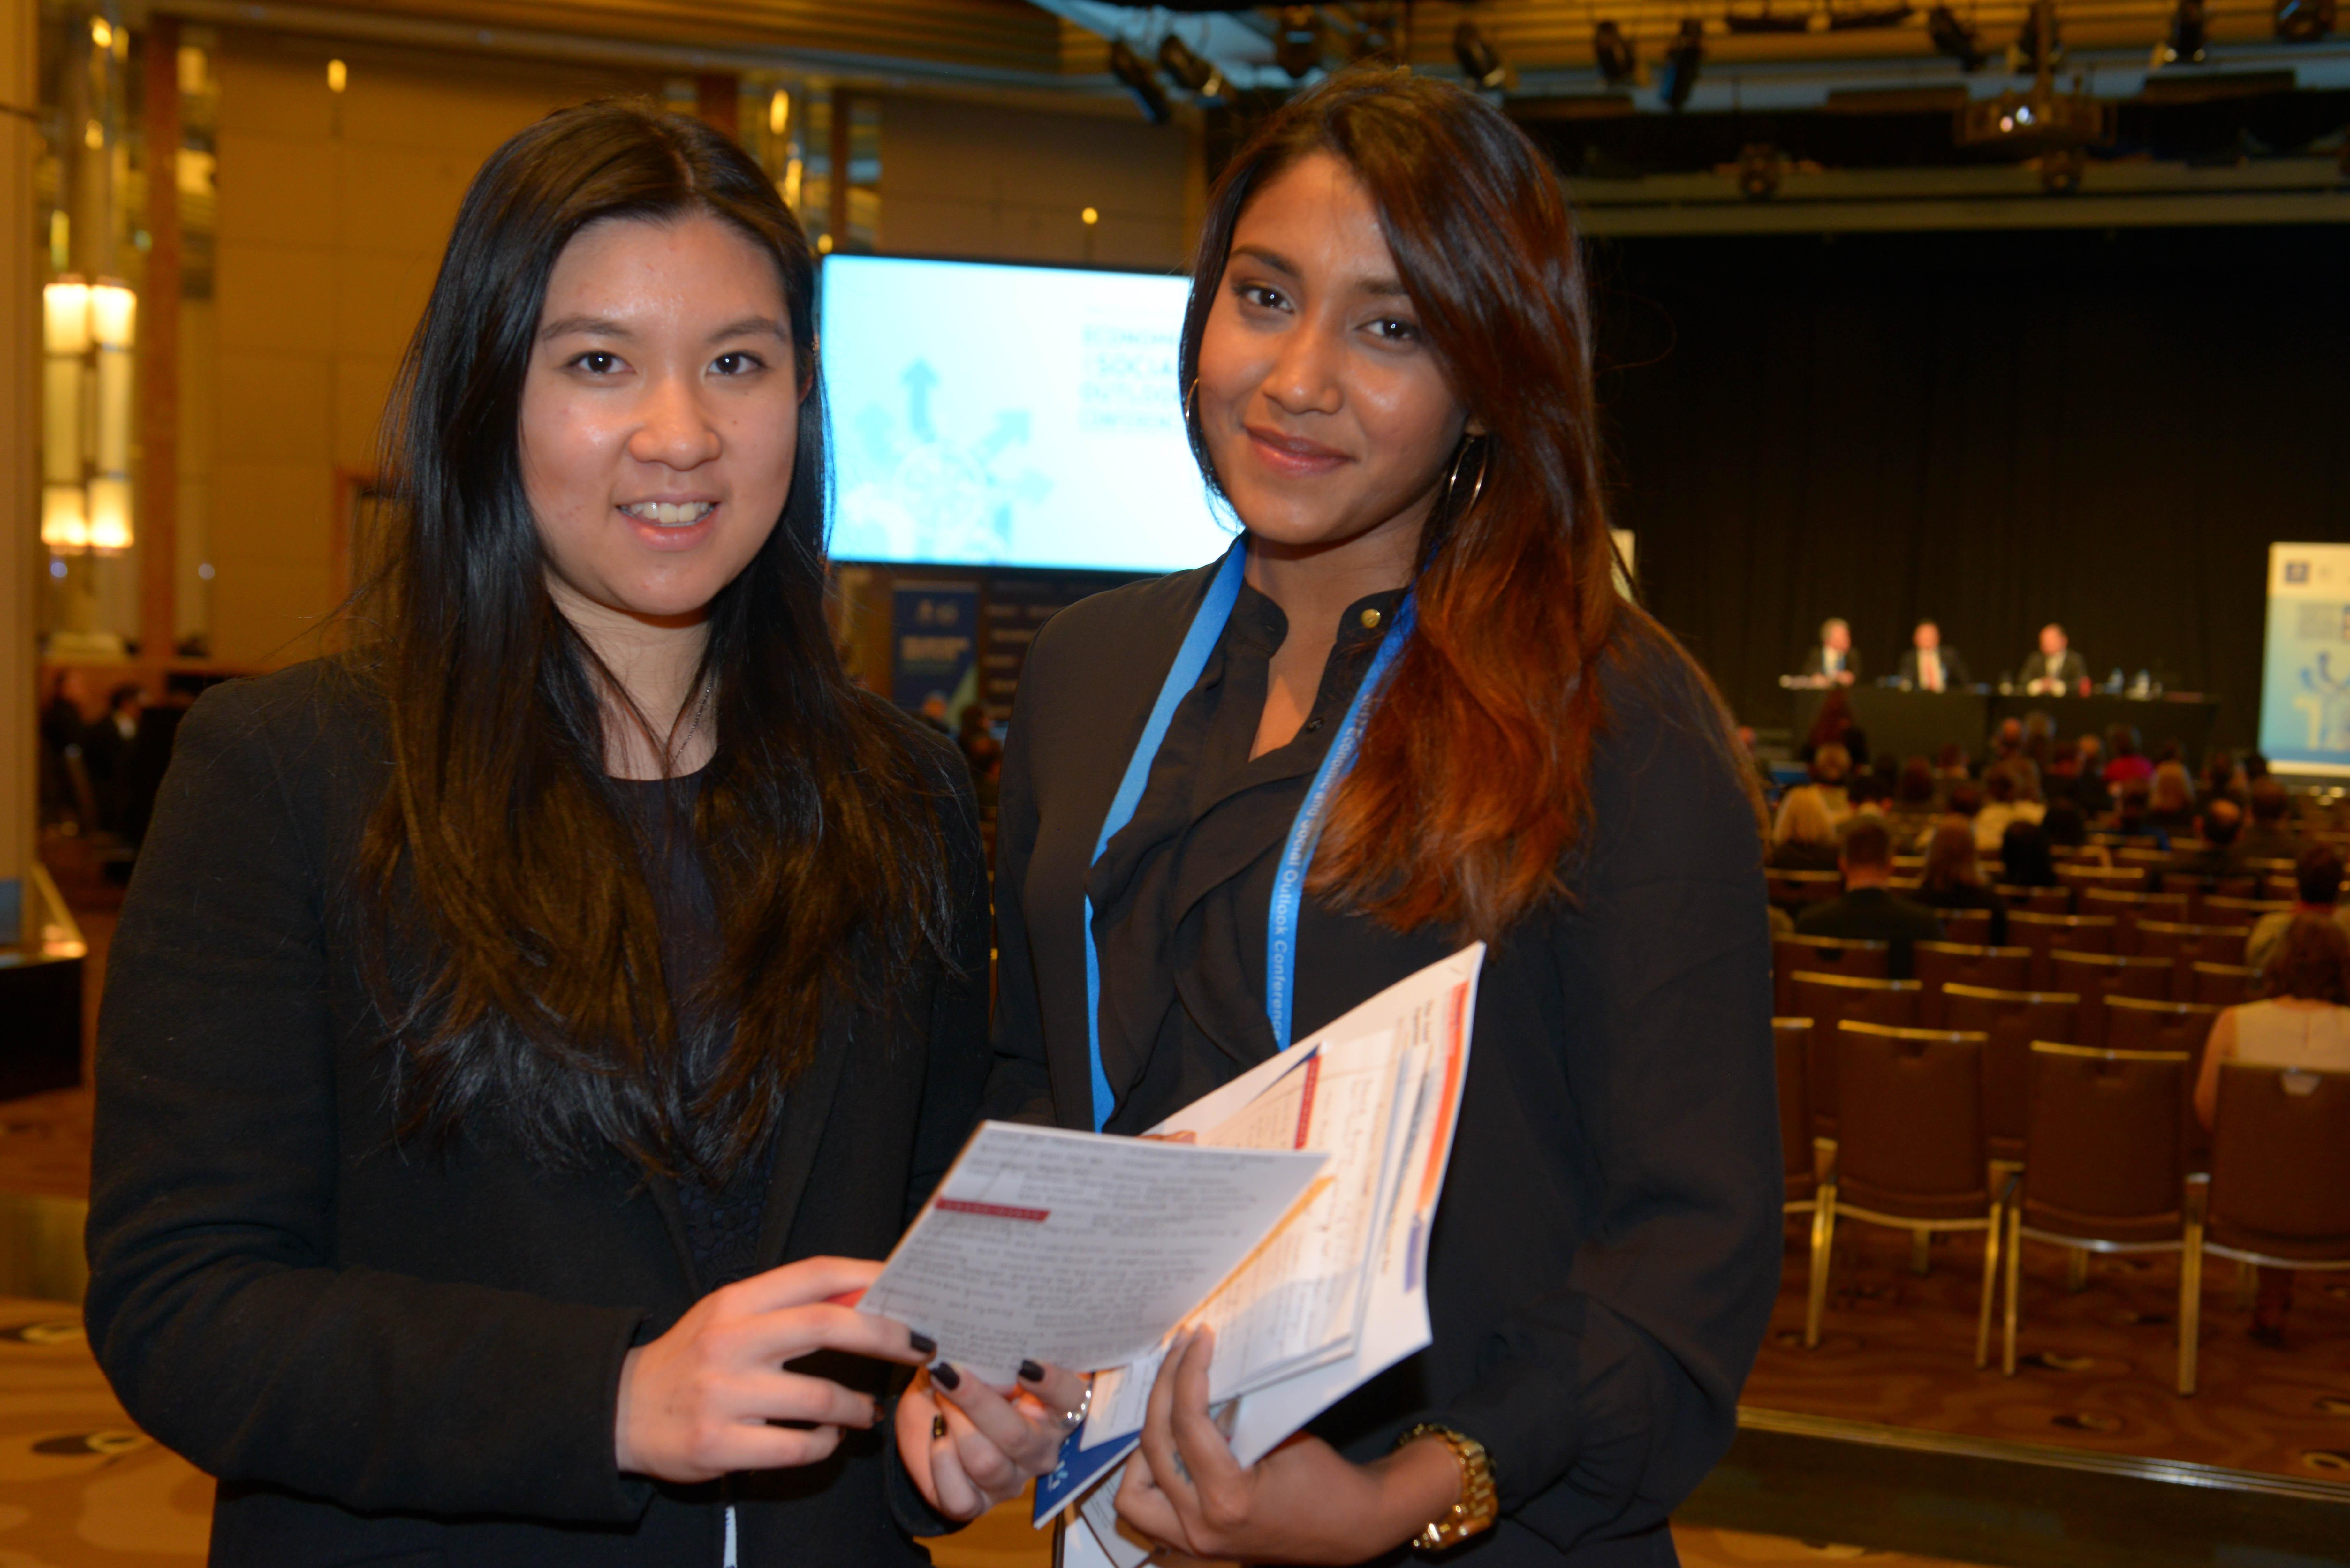 Monique Lau and Akanksha Baadkar at ESOC 2017